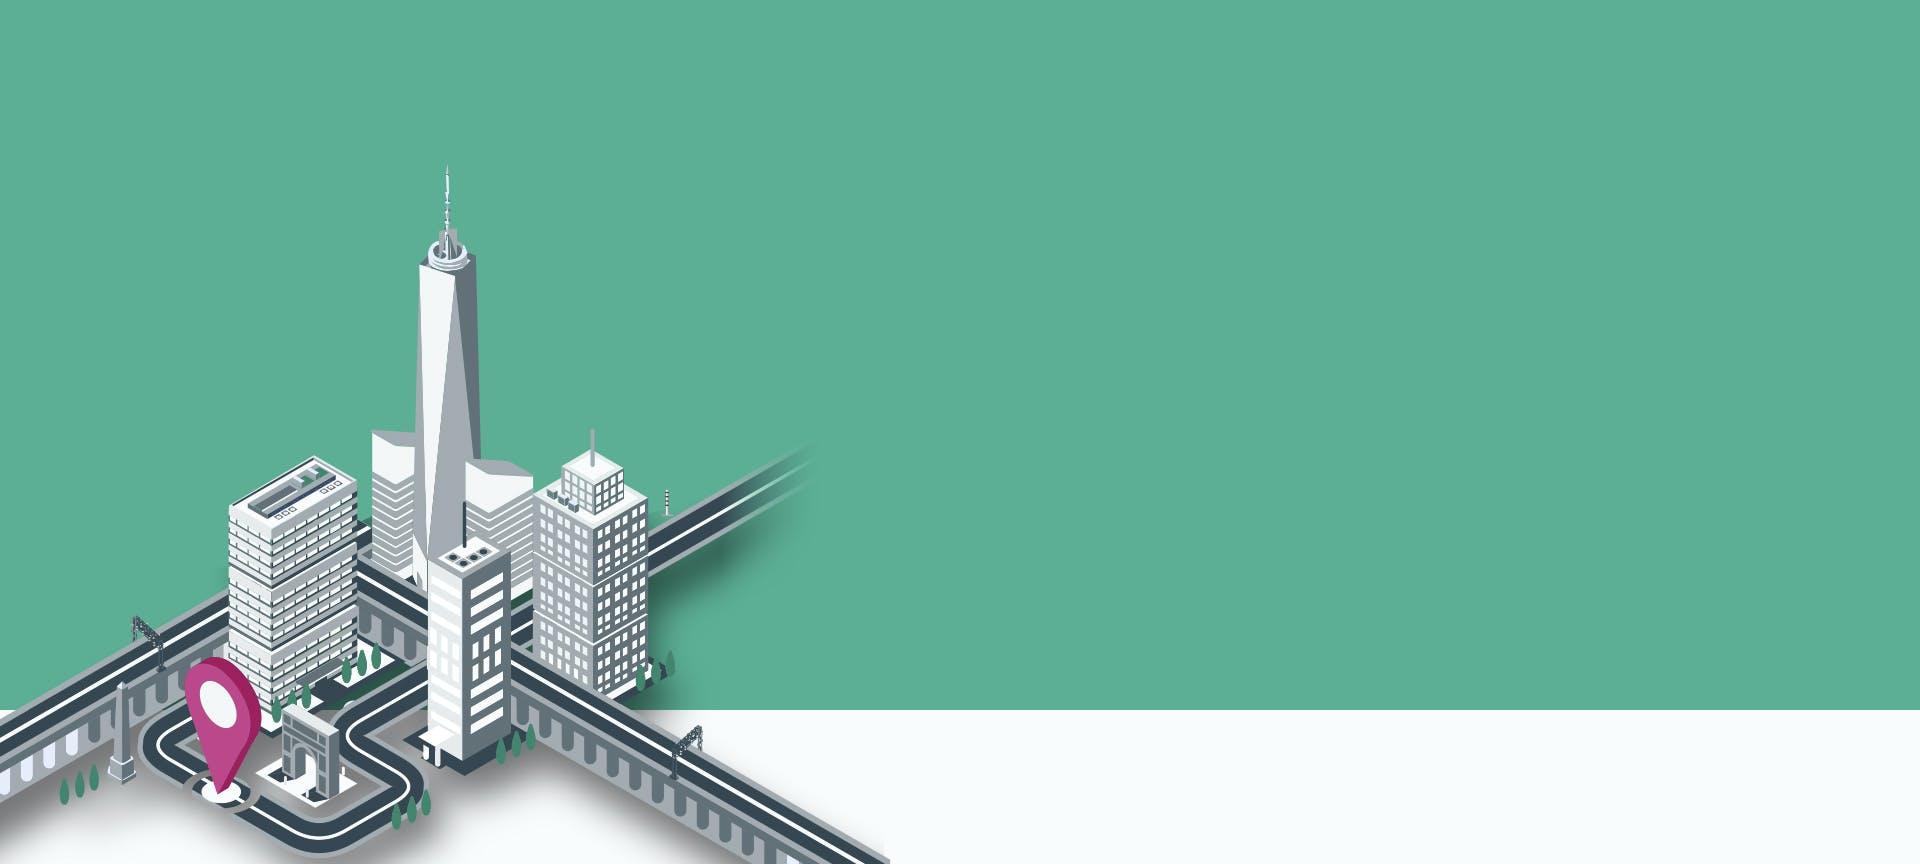 أنظمة رسوم المرور لمدن المستقبل